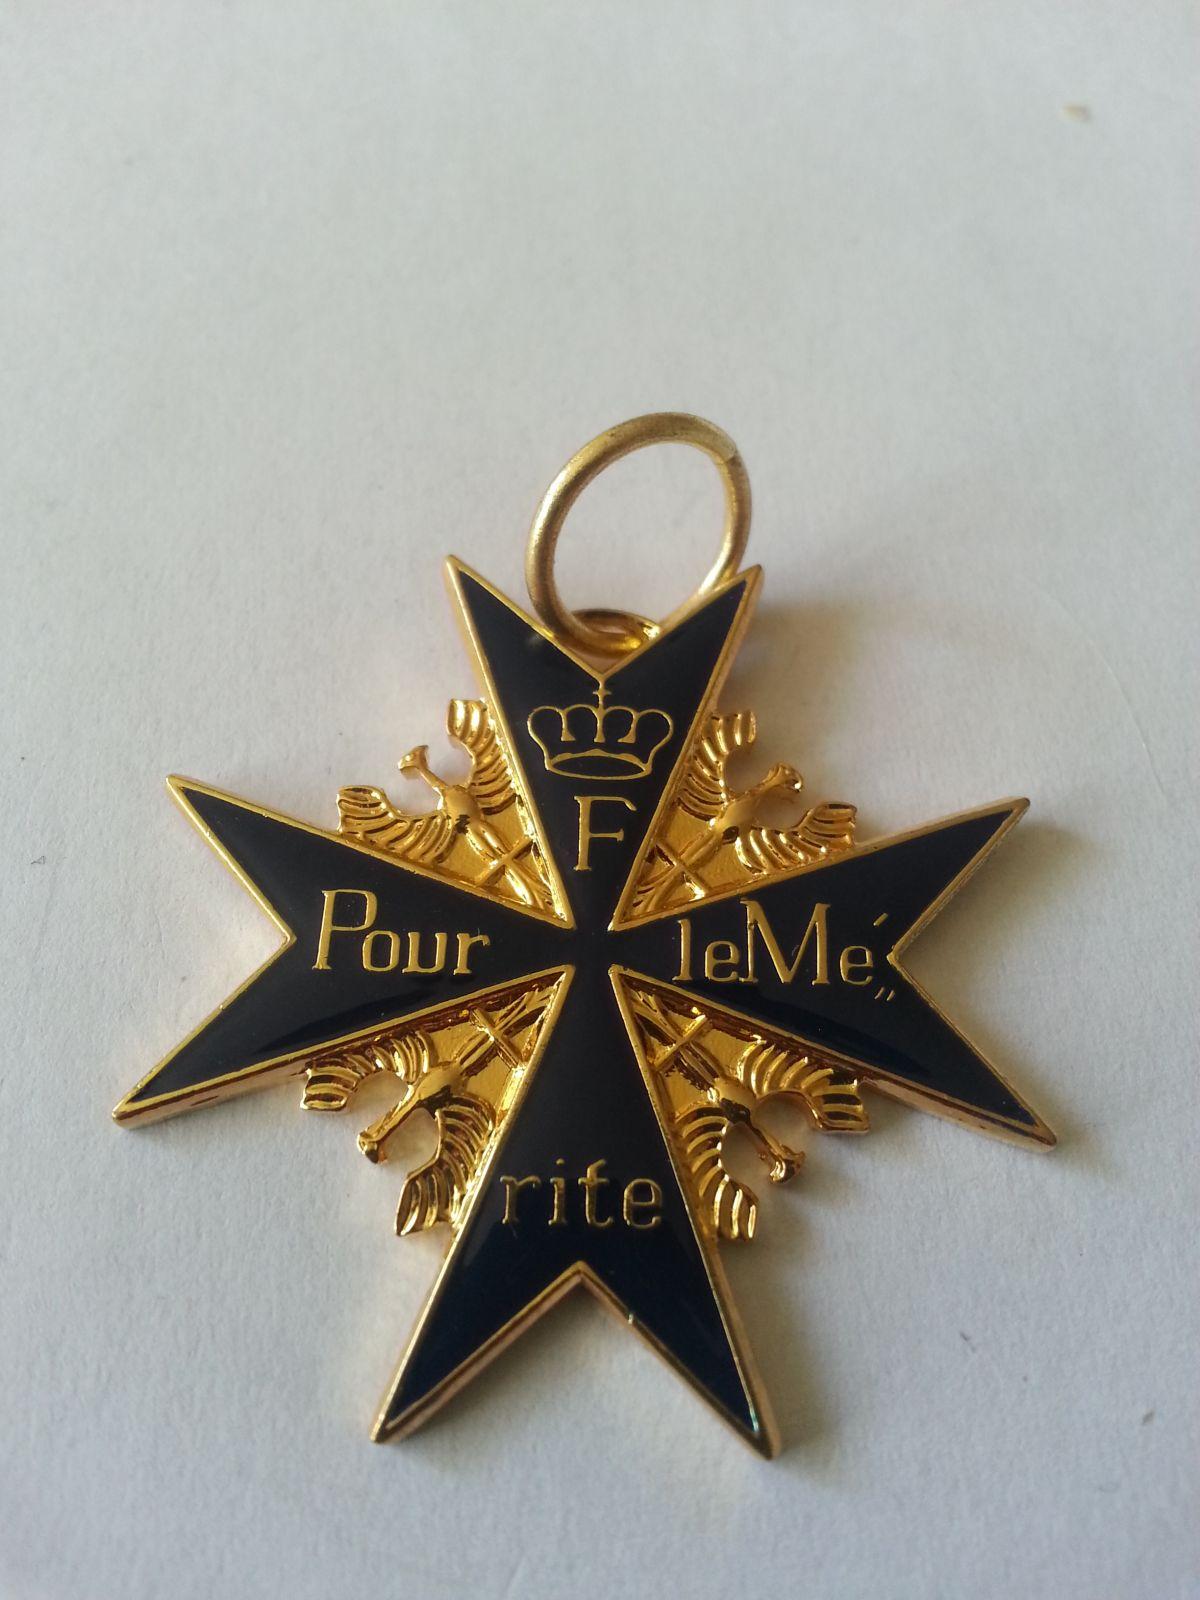 vyznamenání Pourle Merite, Německo KOPIE